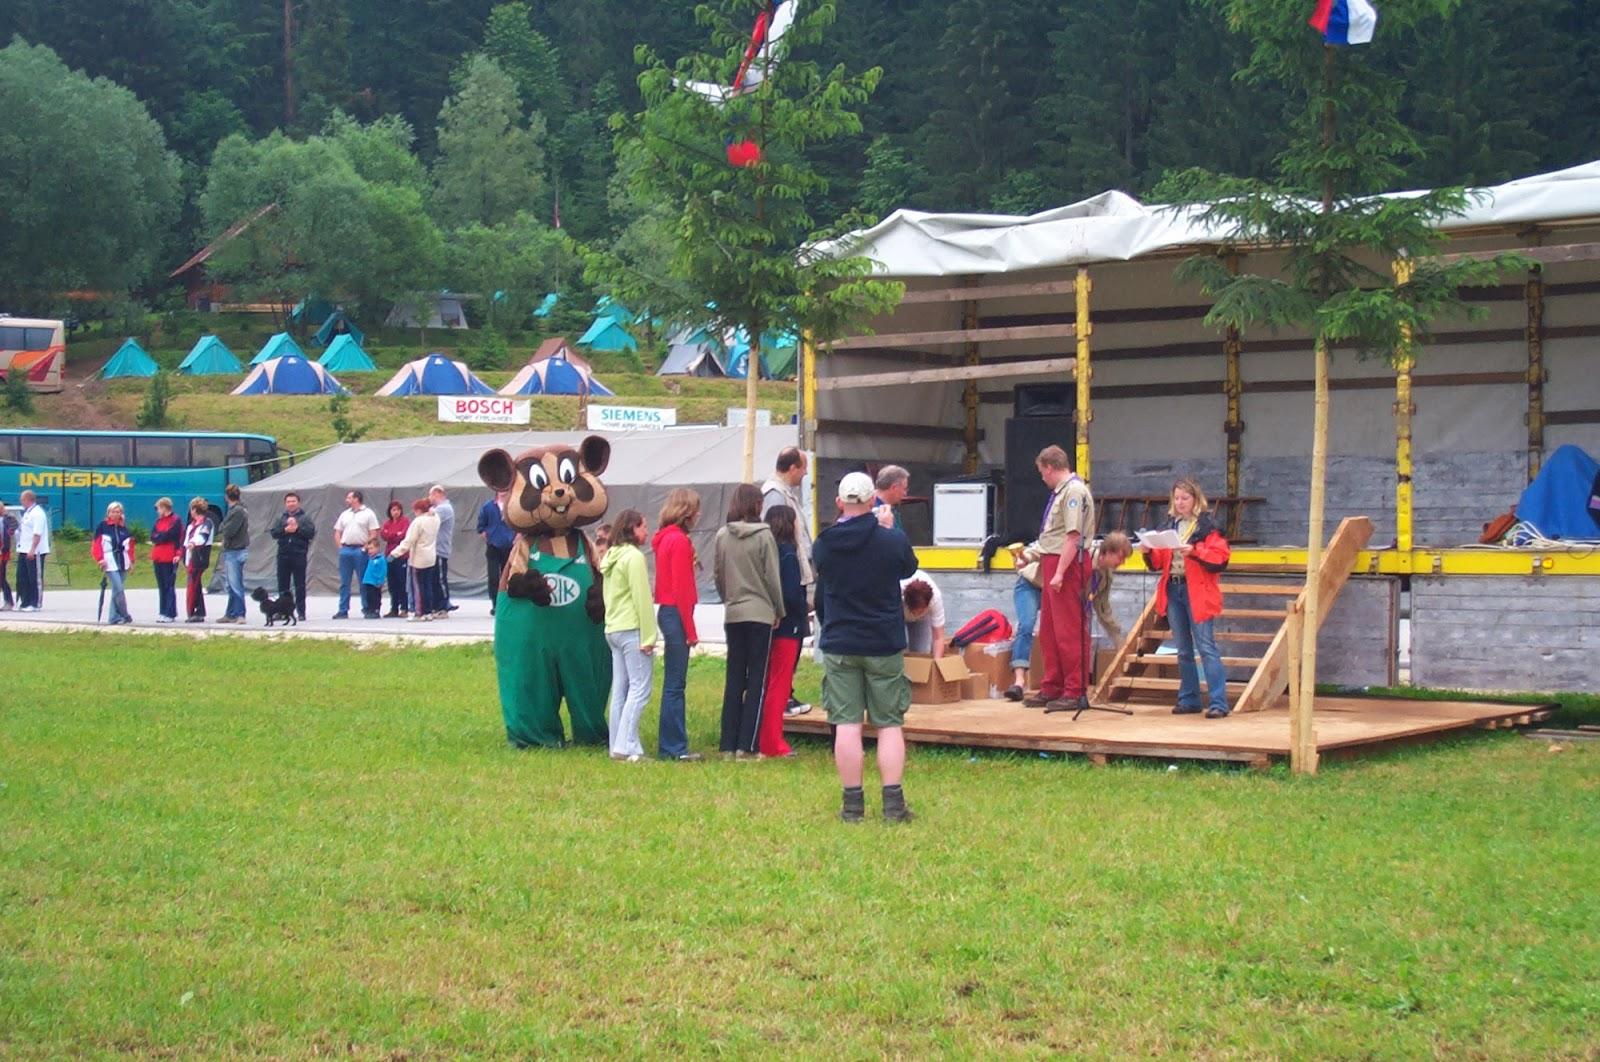 Državni mnogoboj, Kokarje 2004 - TABORNIKI-%2BTrst%252C%2BKokarje%2B078.jpg